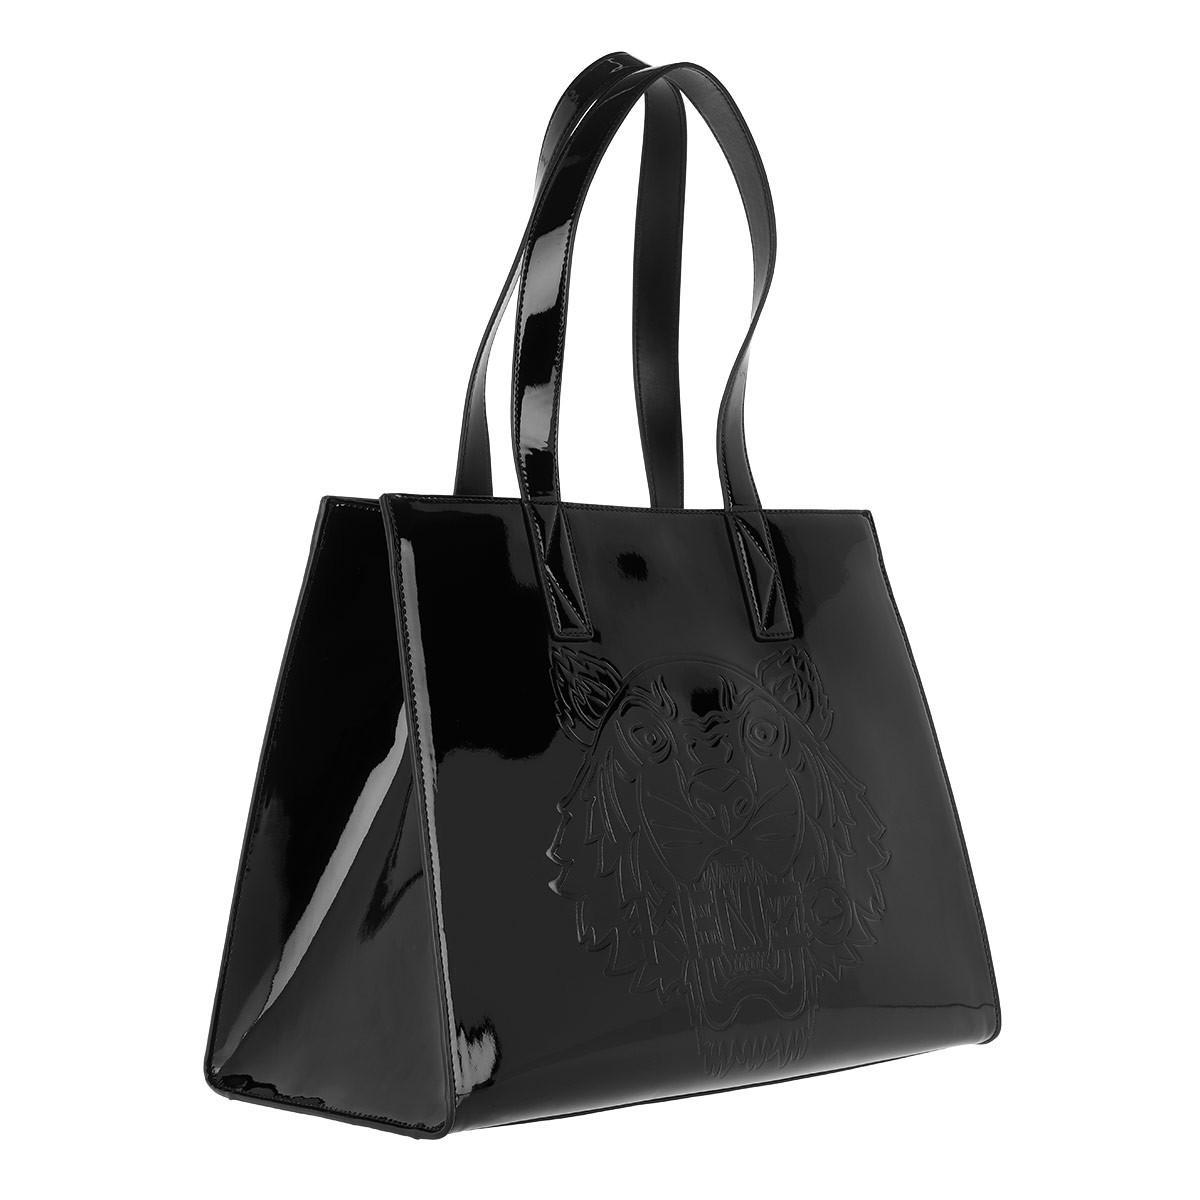 Sac D'emballage Horizontal Kenzo En Pvc Verni Noir 3ZqjSIA1Wb